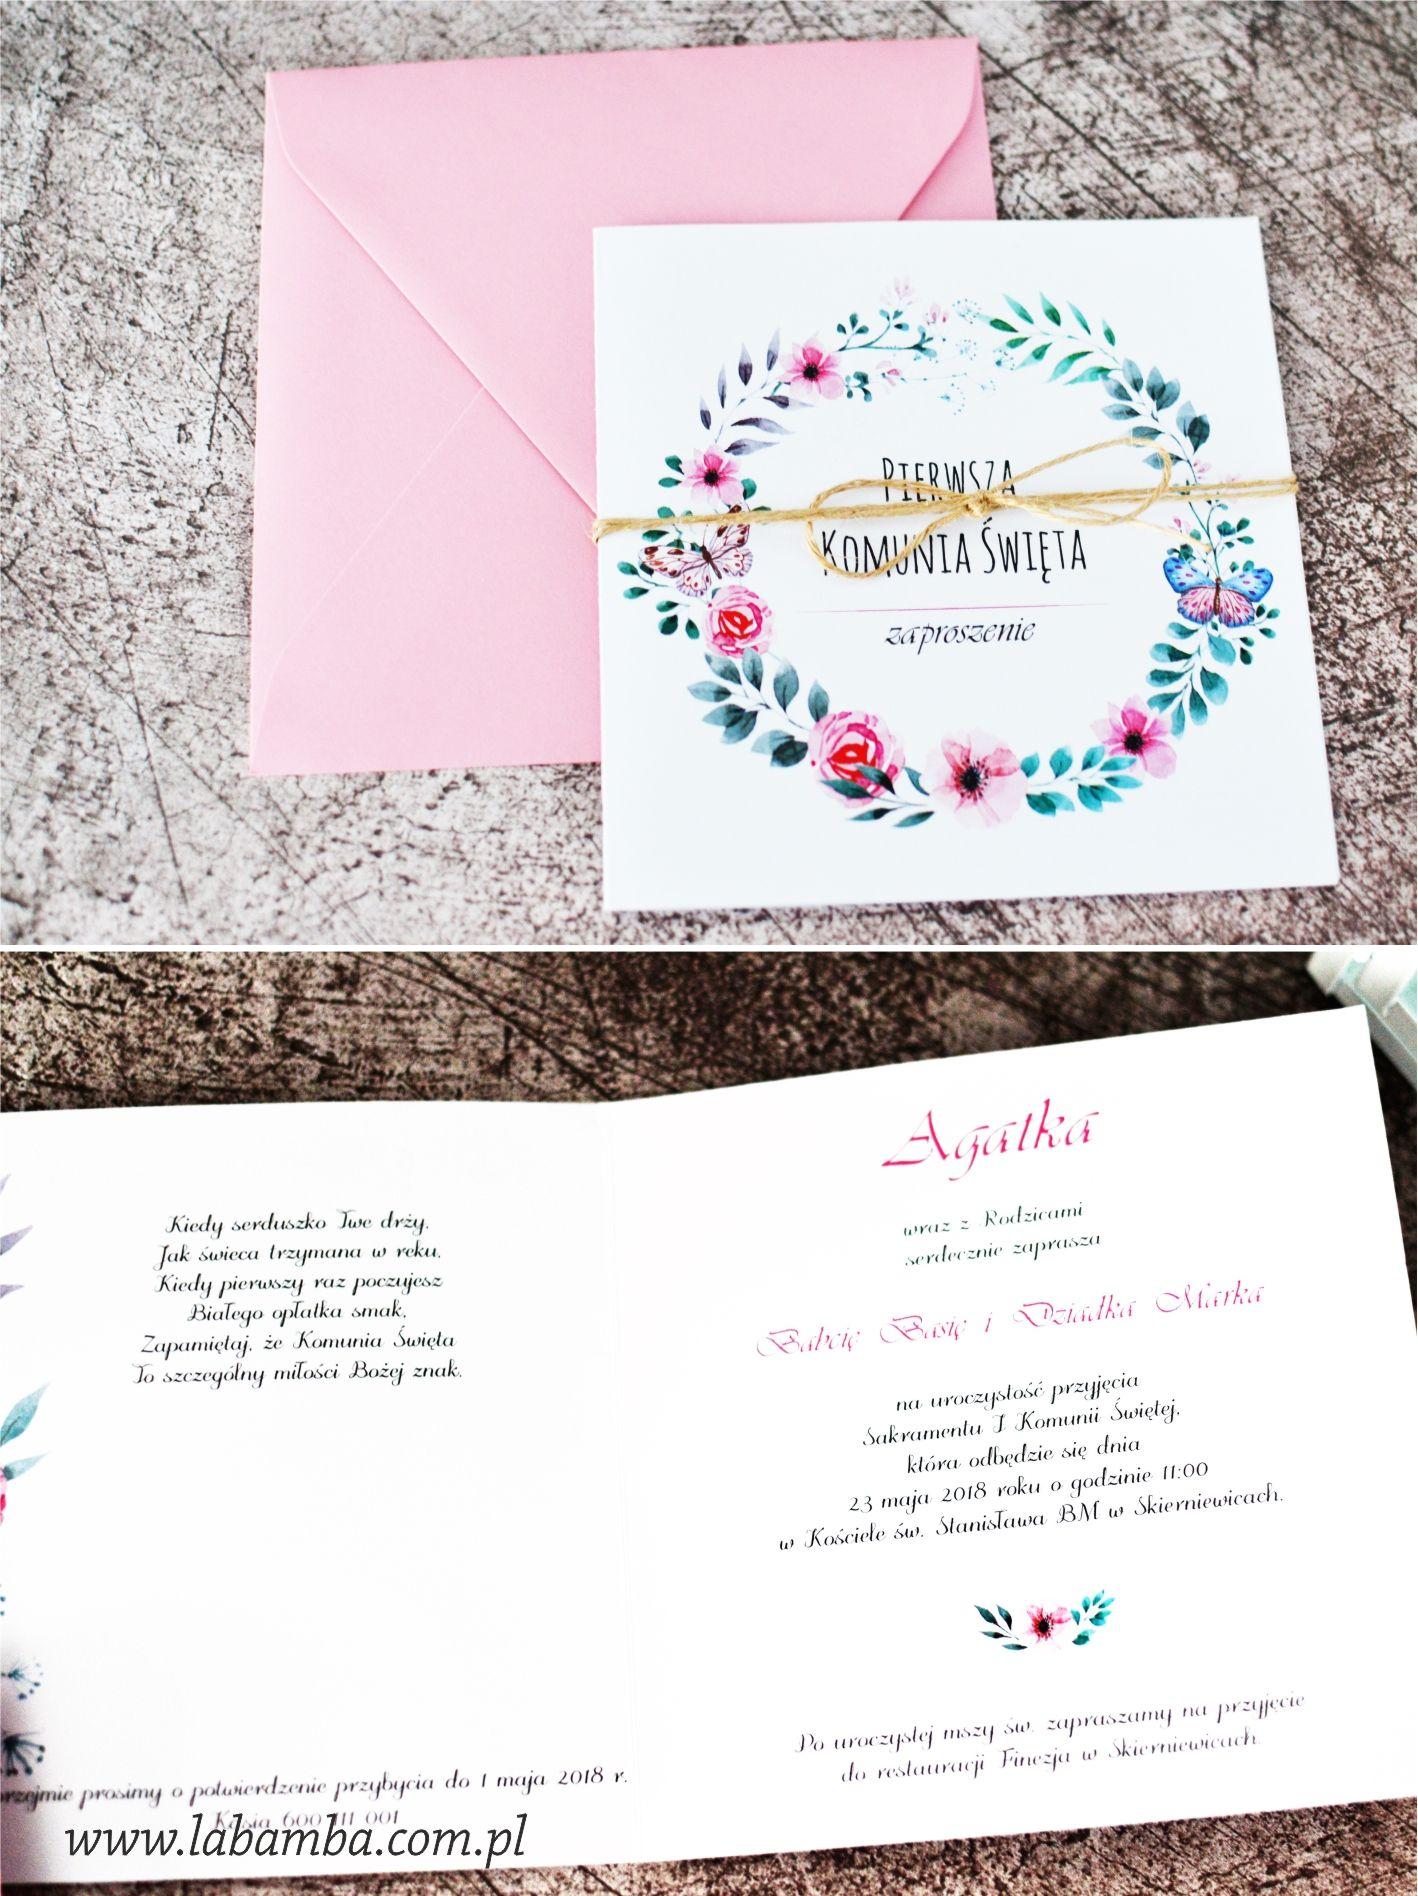 Zaproszenie Na I Komunie Swieta Ze Wzorem Kwiatowego Wianka Zaproszenie Moze Byc Przewiazane Dekoracyjnym Sznurkiem Cards Holi